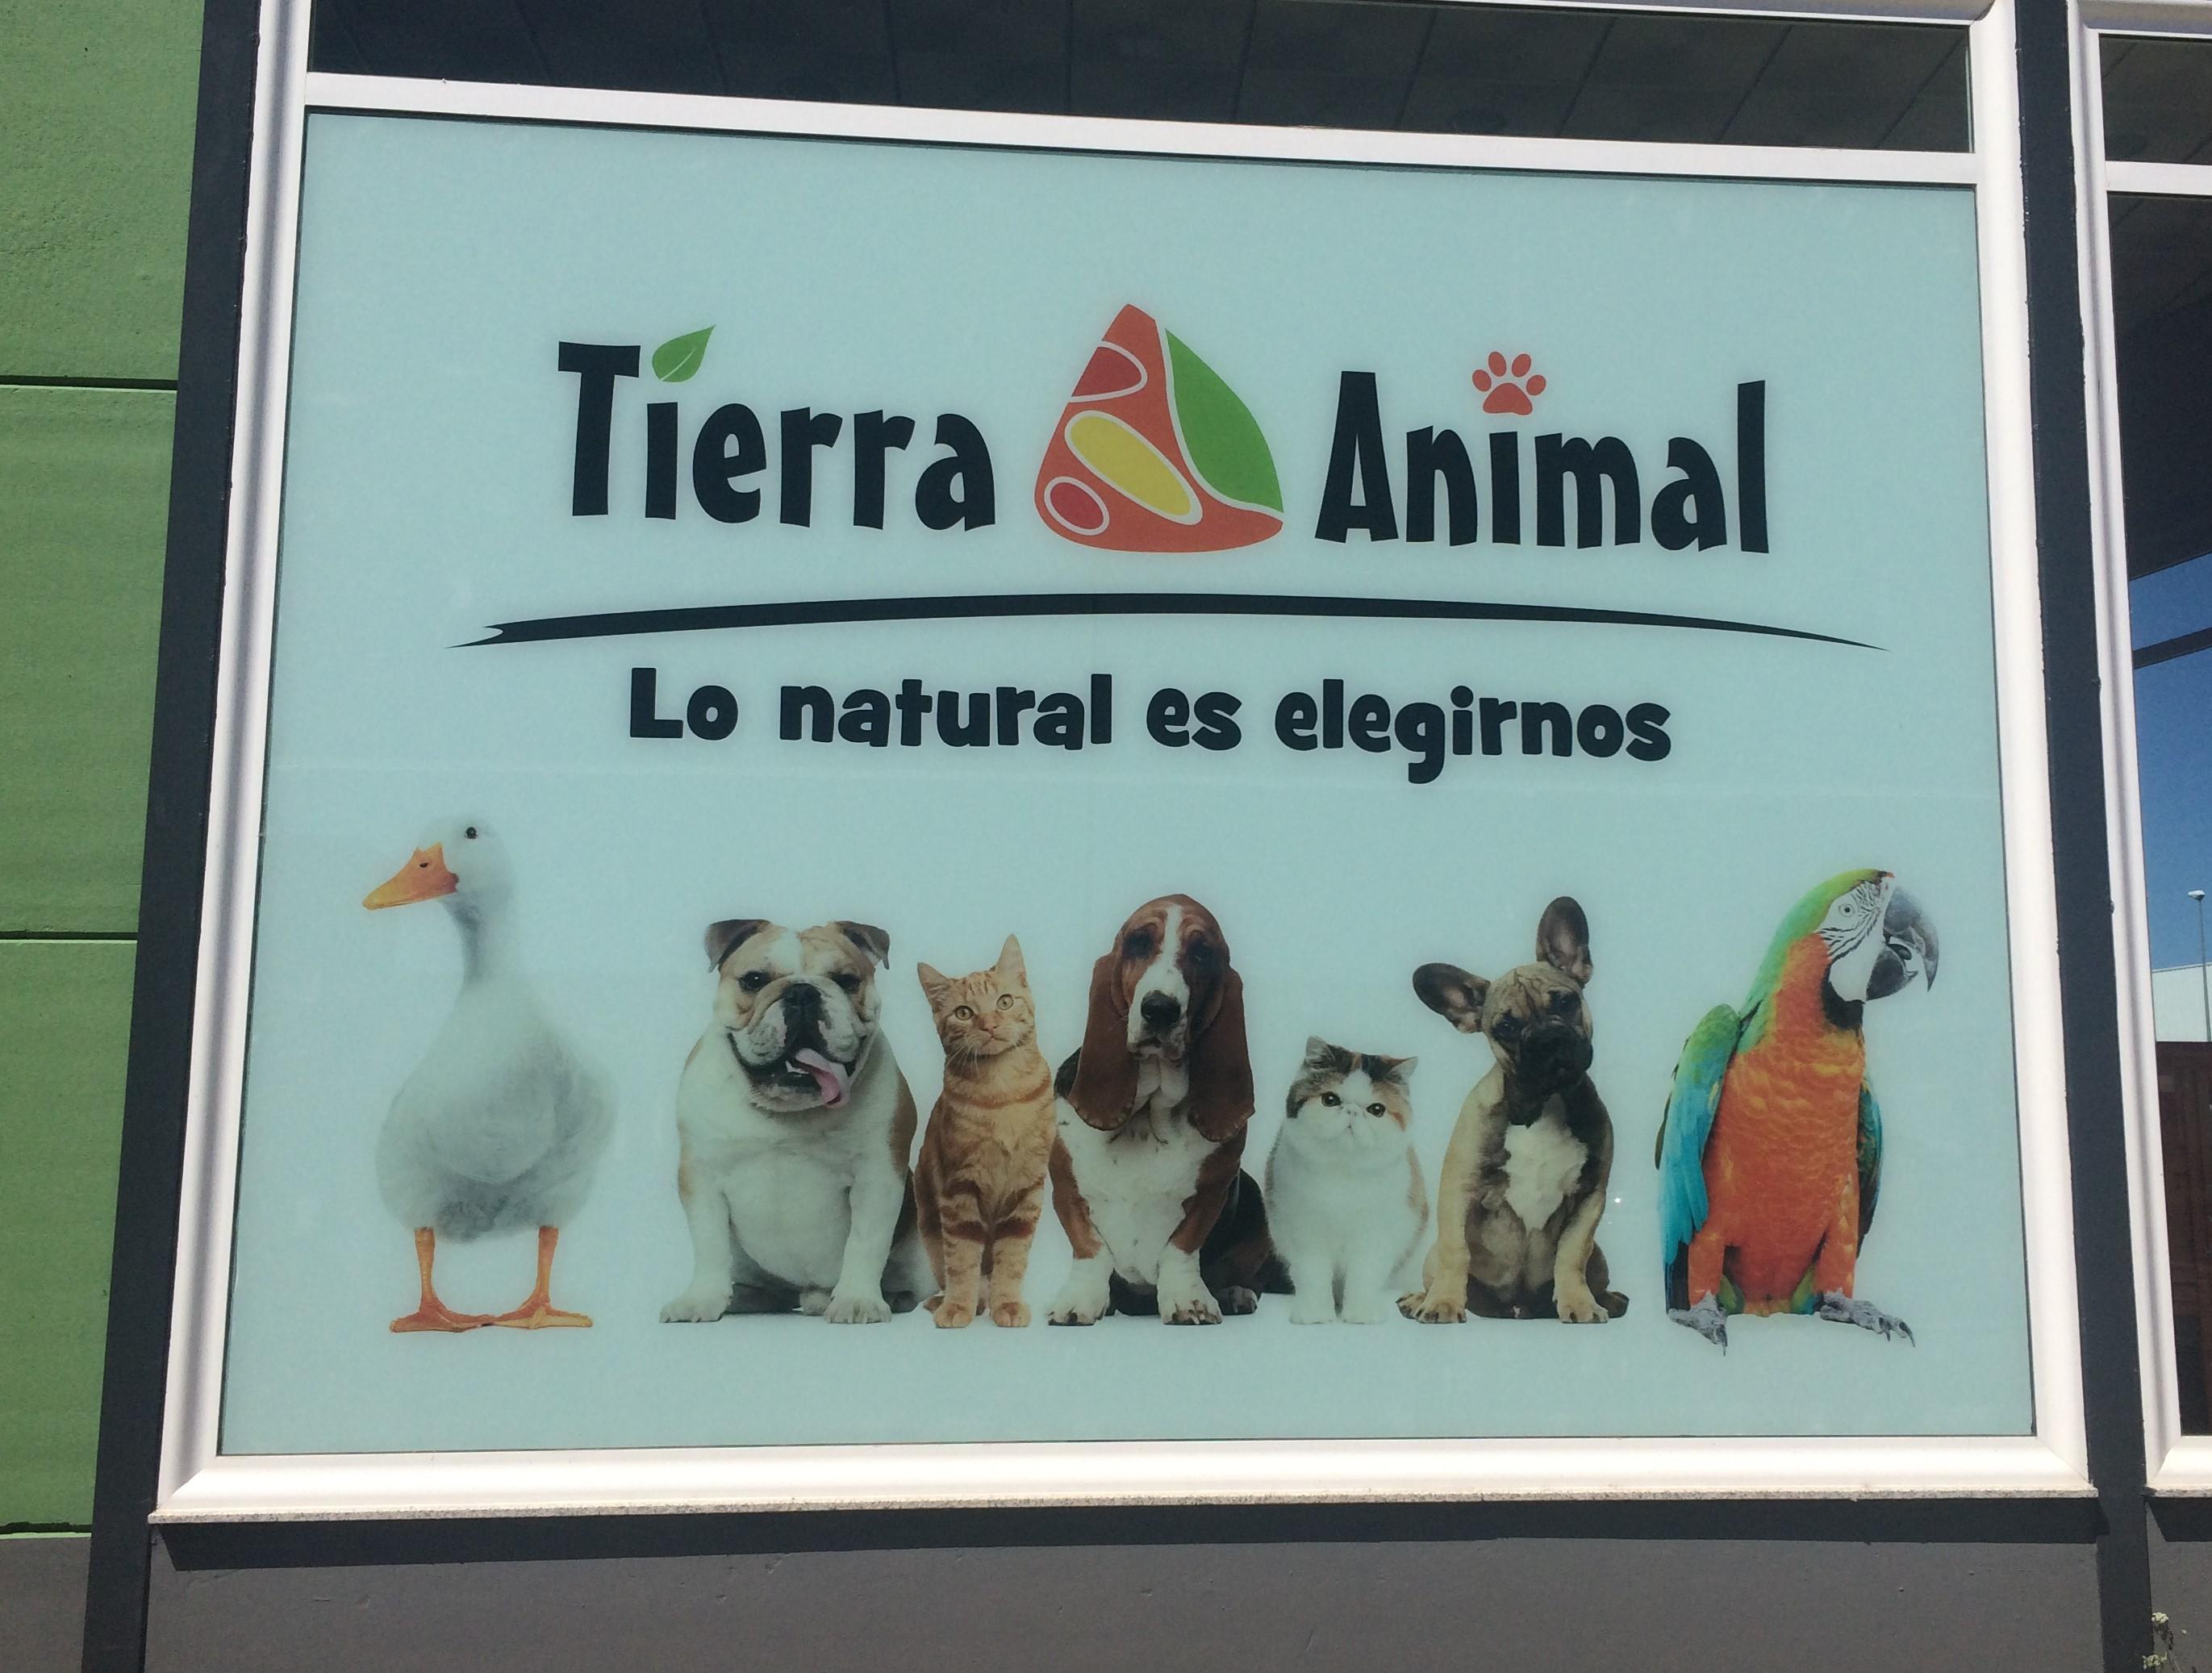 Tierra Animal inaugura nueva tienda en Vallecas